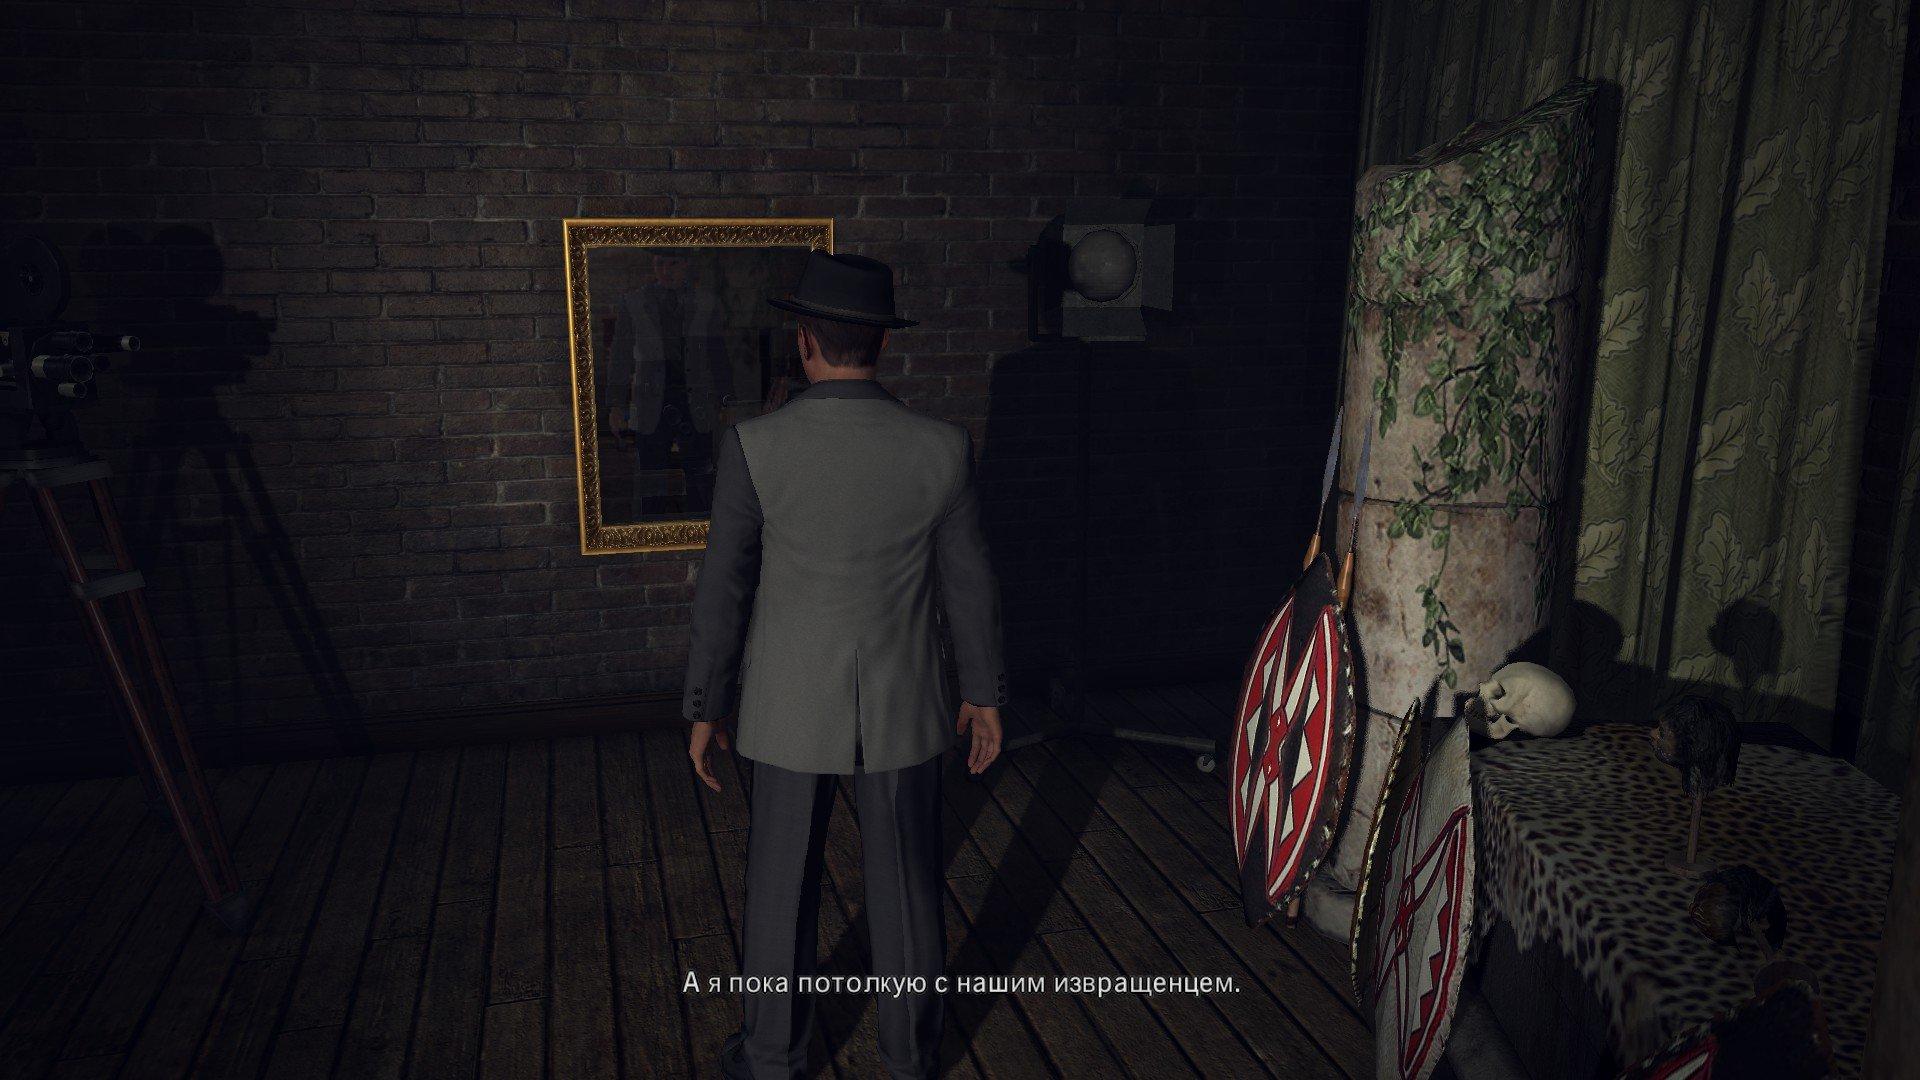 Пост-прохождение L.A. Noire Часть 5 - Изображение 34